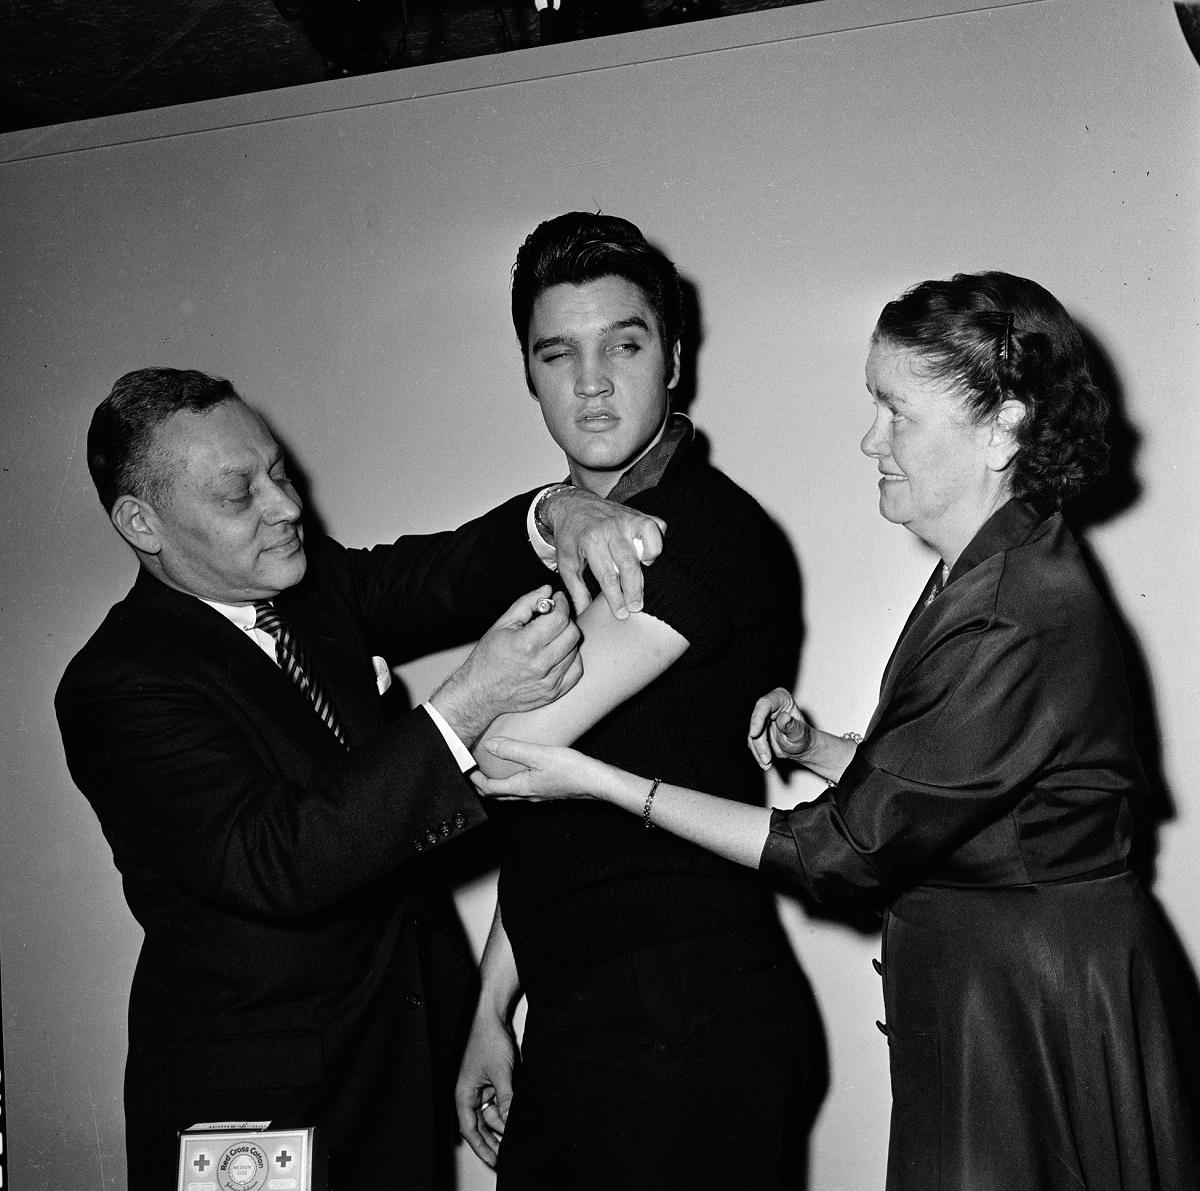 Elvis Presley getting vaccinated